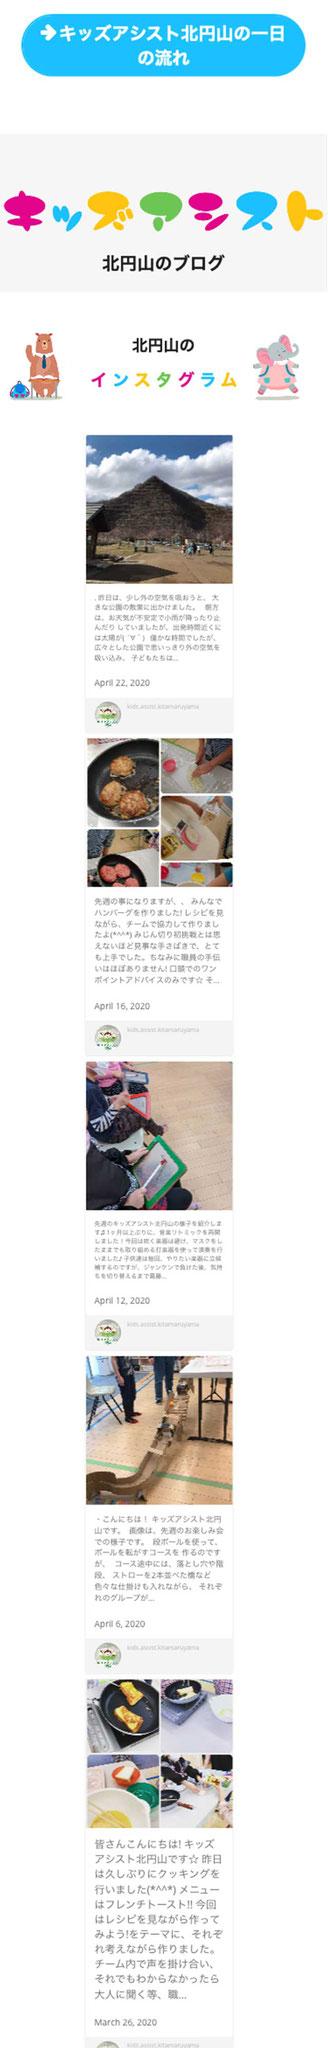 「キッズアシスト北円山」ページのモバイル表示4